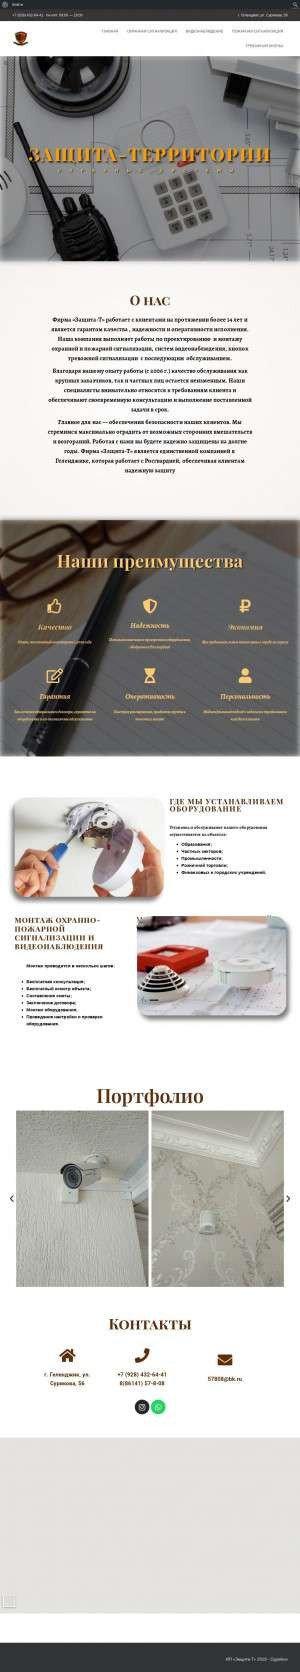 Предпросмотр для gel.zashita-t.ru — Защита-Т